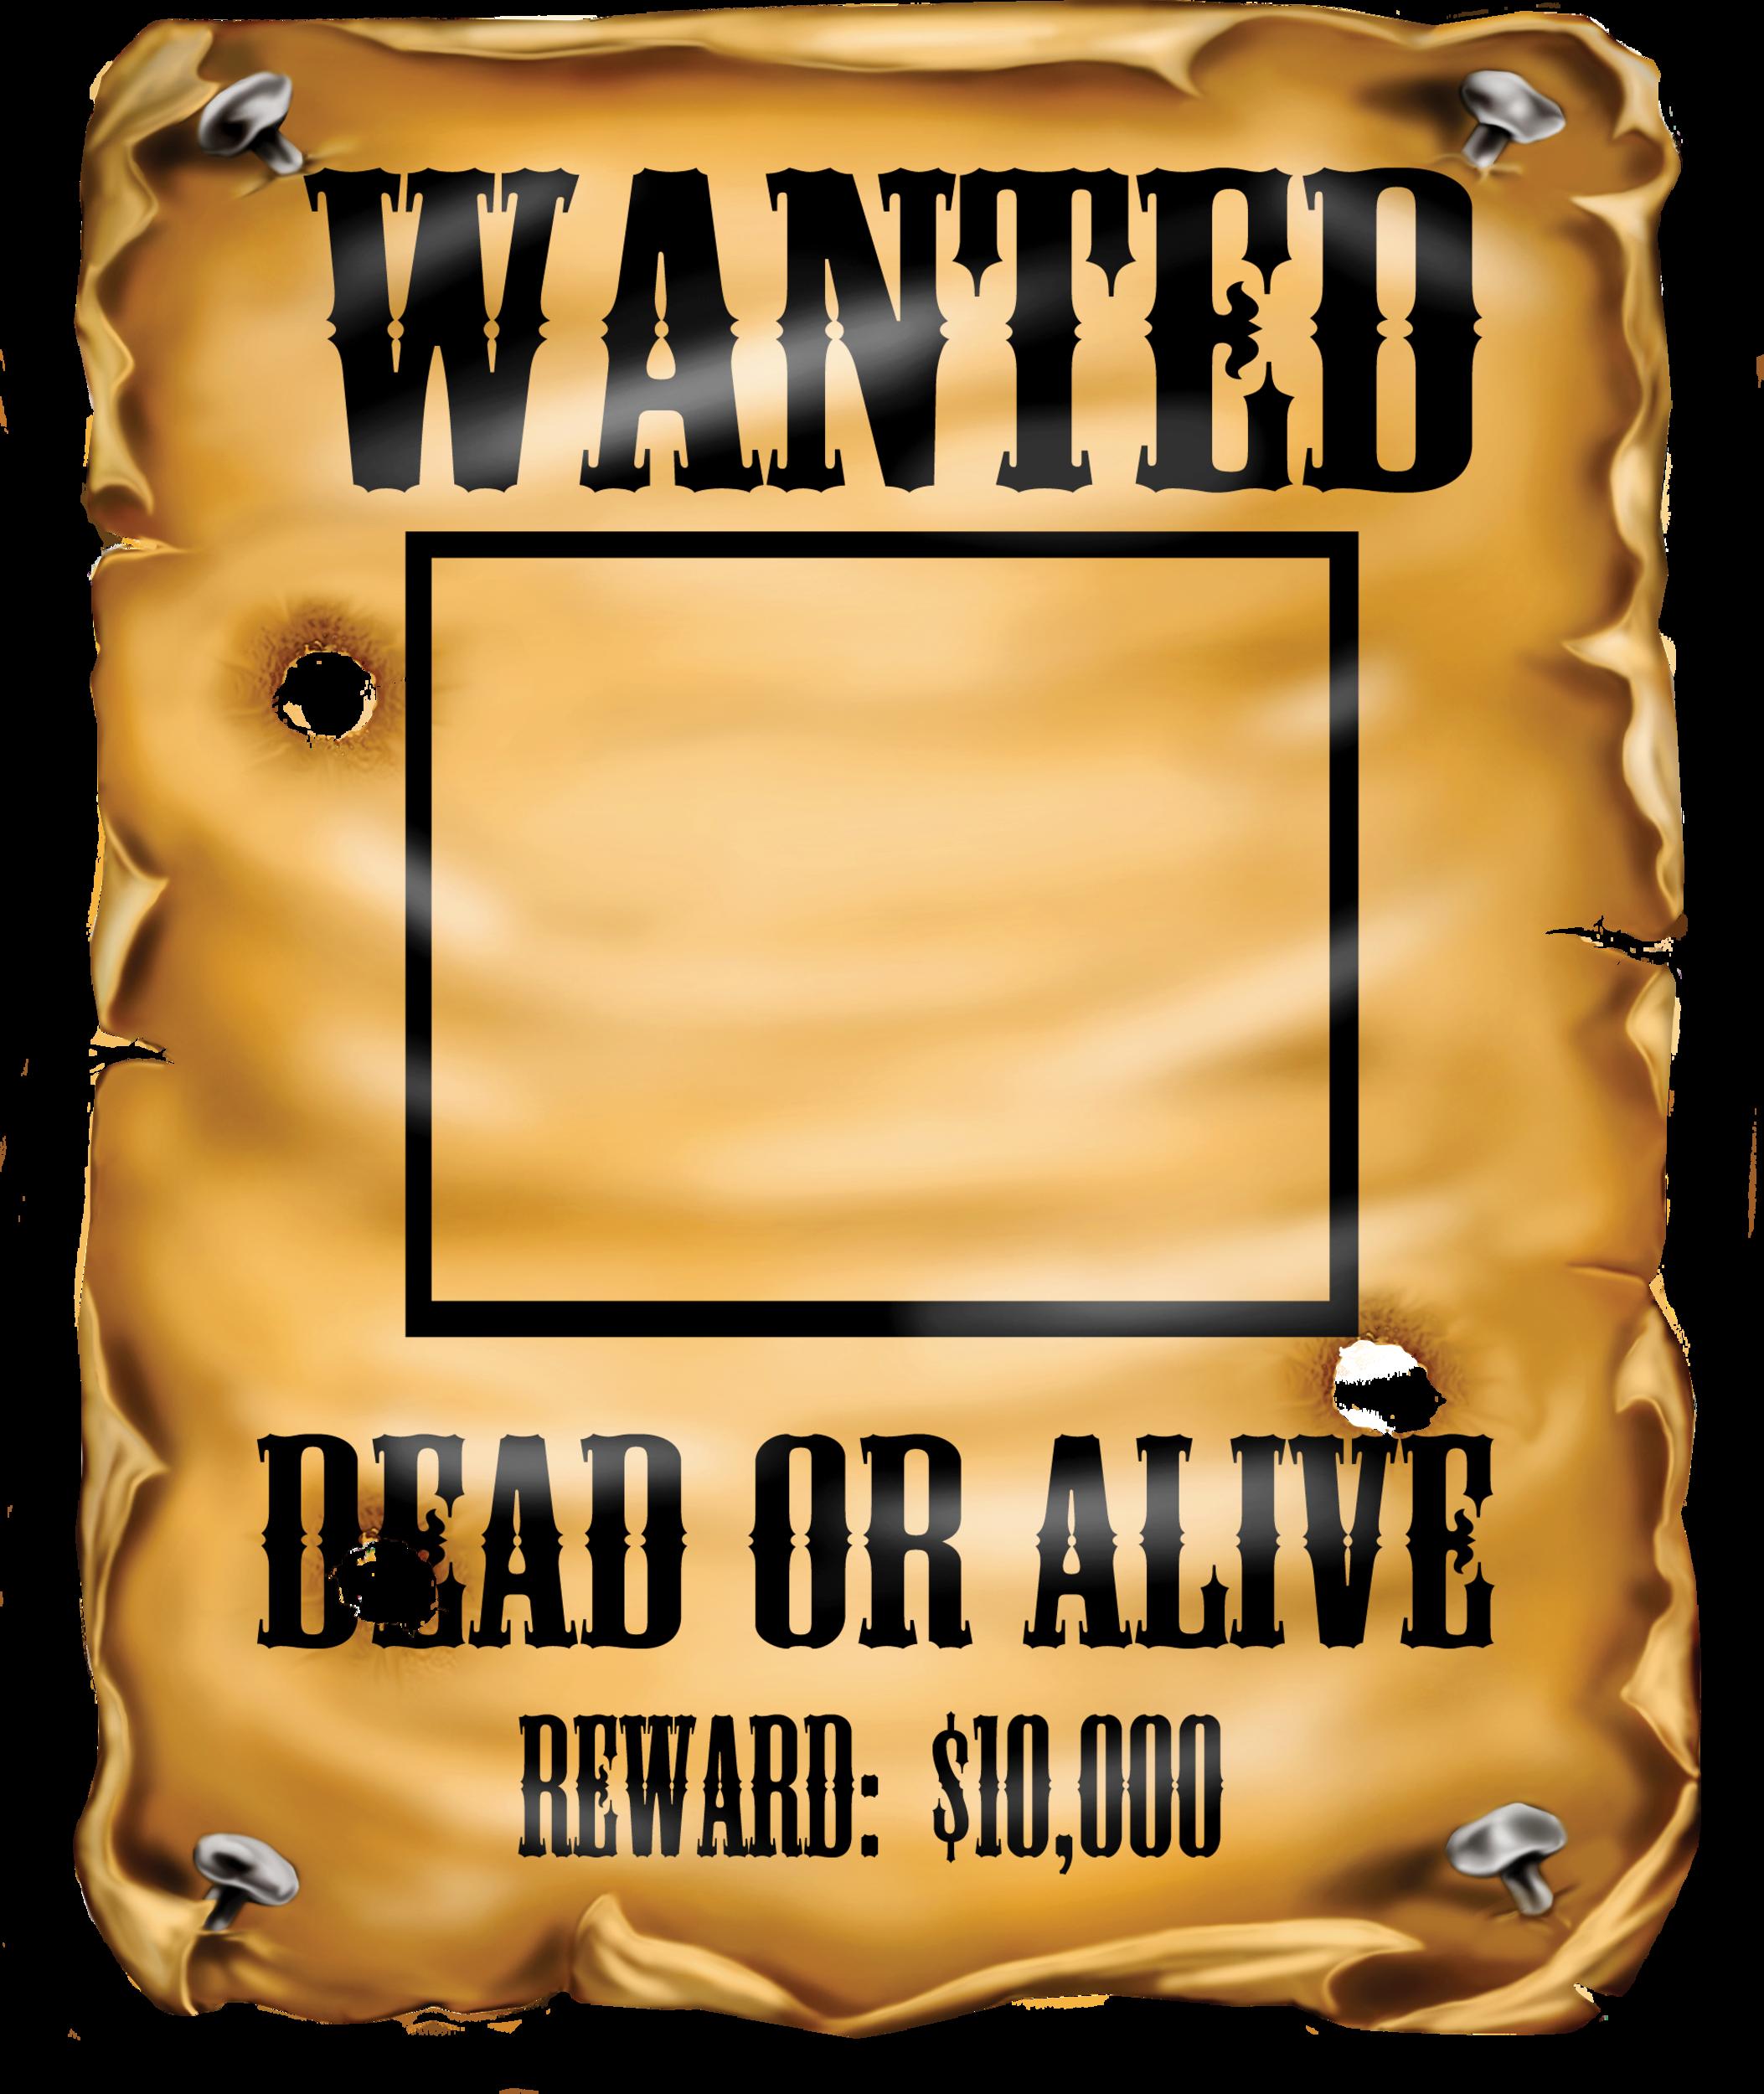 Cowboy clipart cowboy wanted. Poster tumundografico pics words